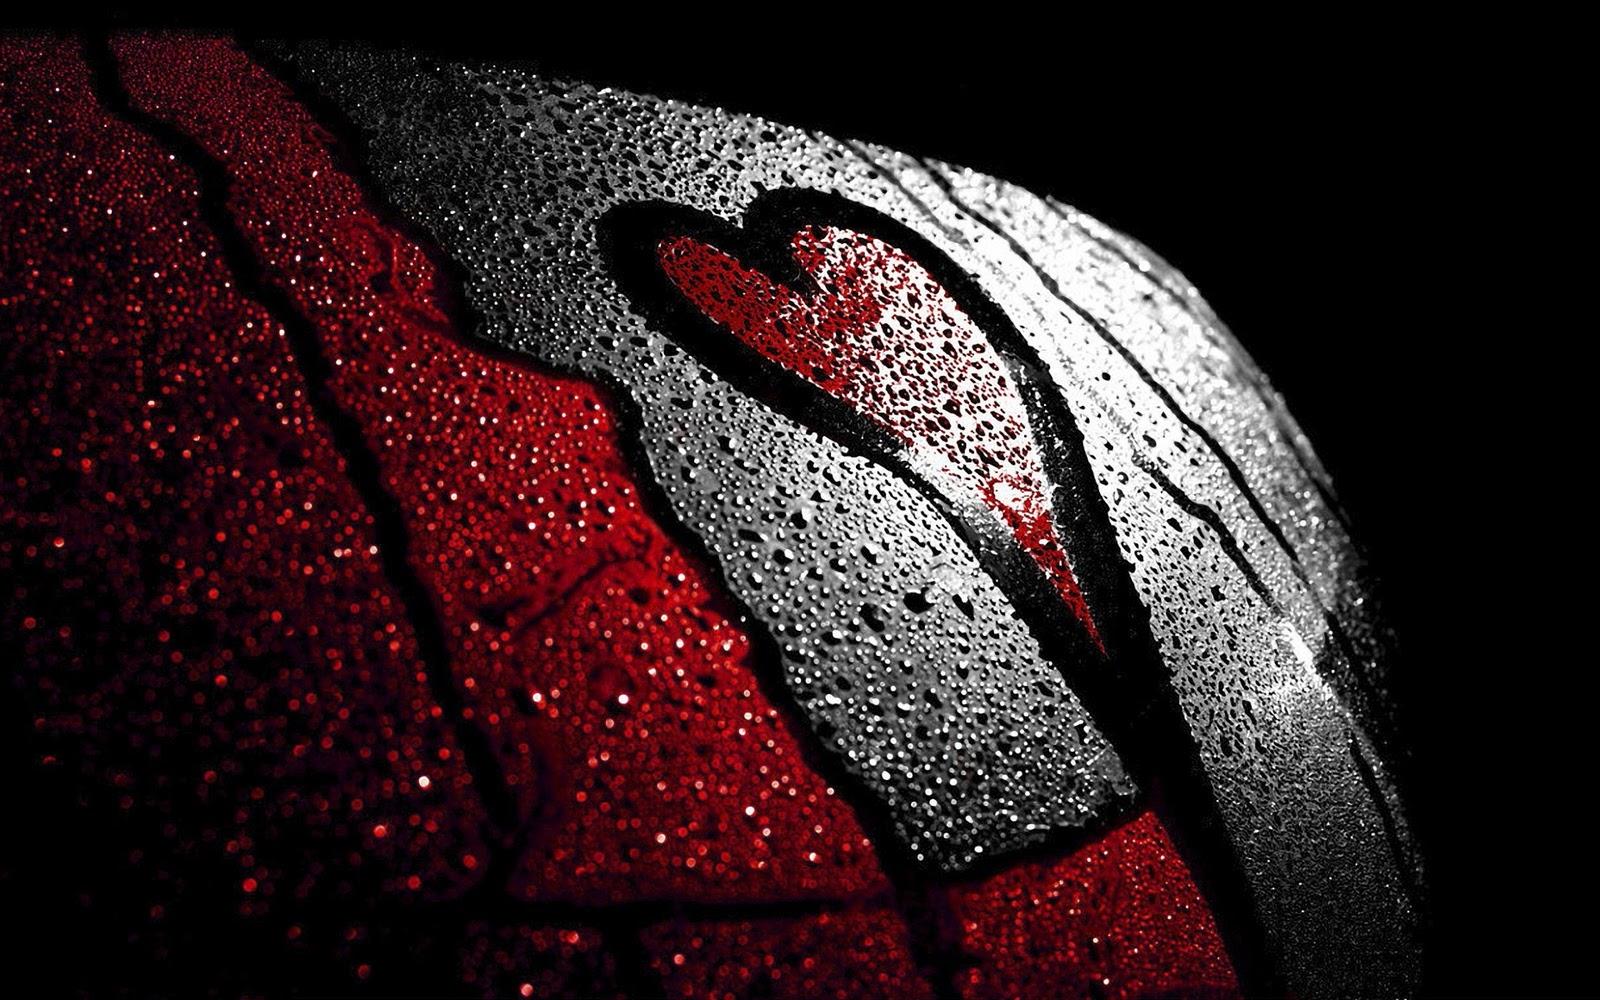 wallpaper love hd wallpaper love hd wallpaper love hd wallpaper 1600x1000